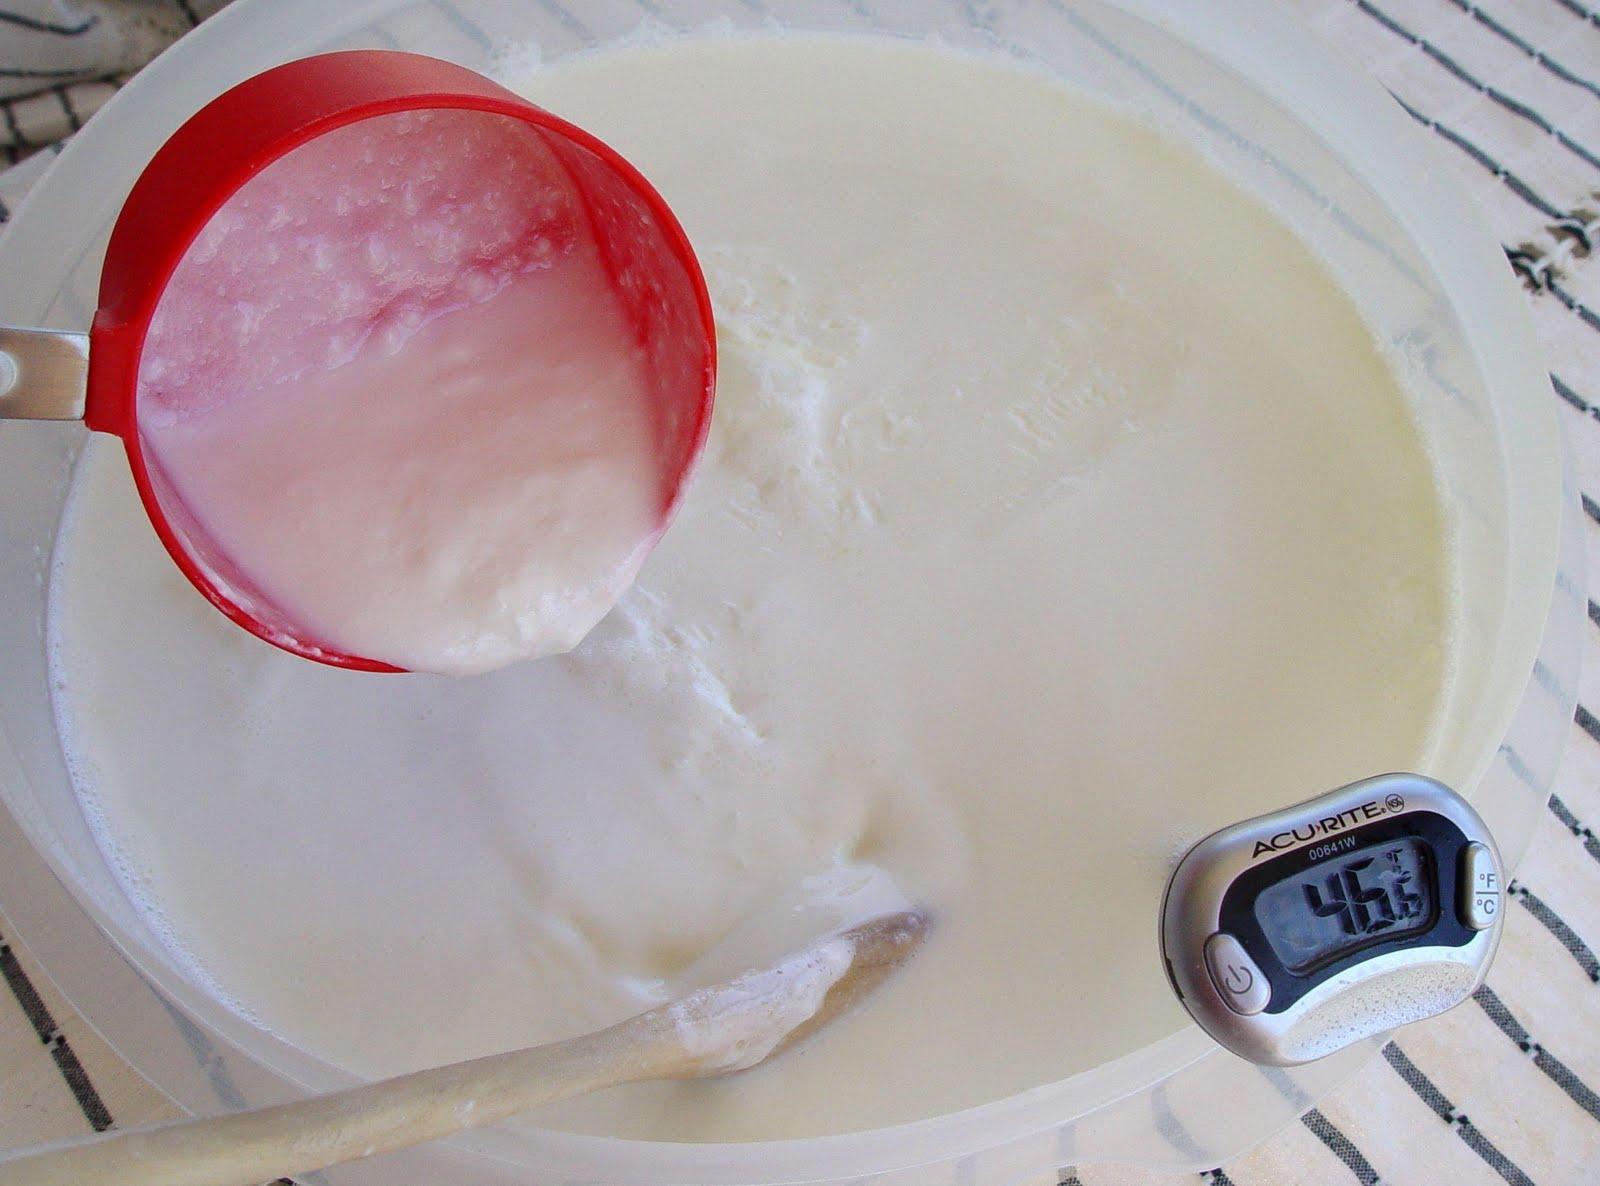 Yoğurt Mayalamak İçin Süt Kaç Derece Olmalı